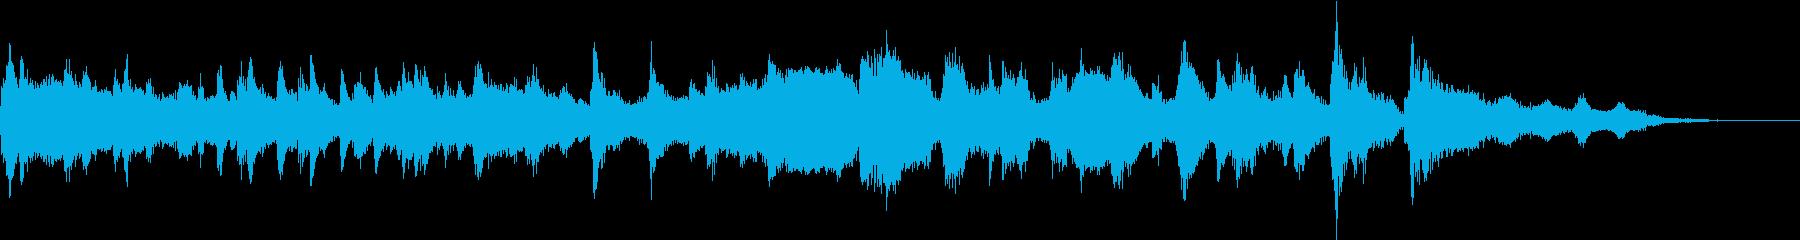 サルーンタグの再生済みの波形